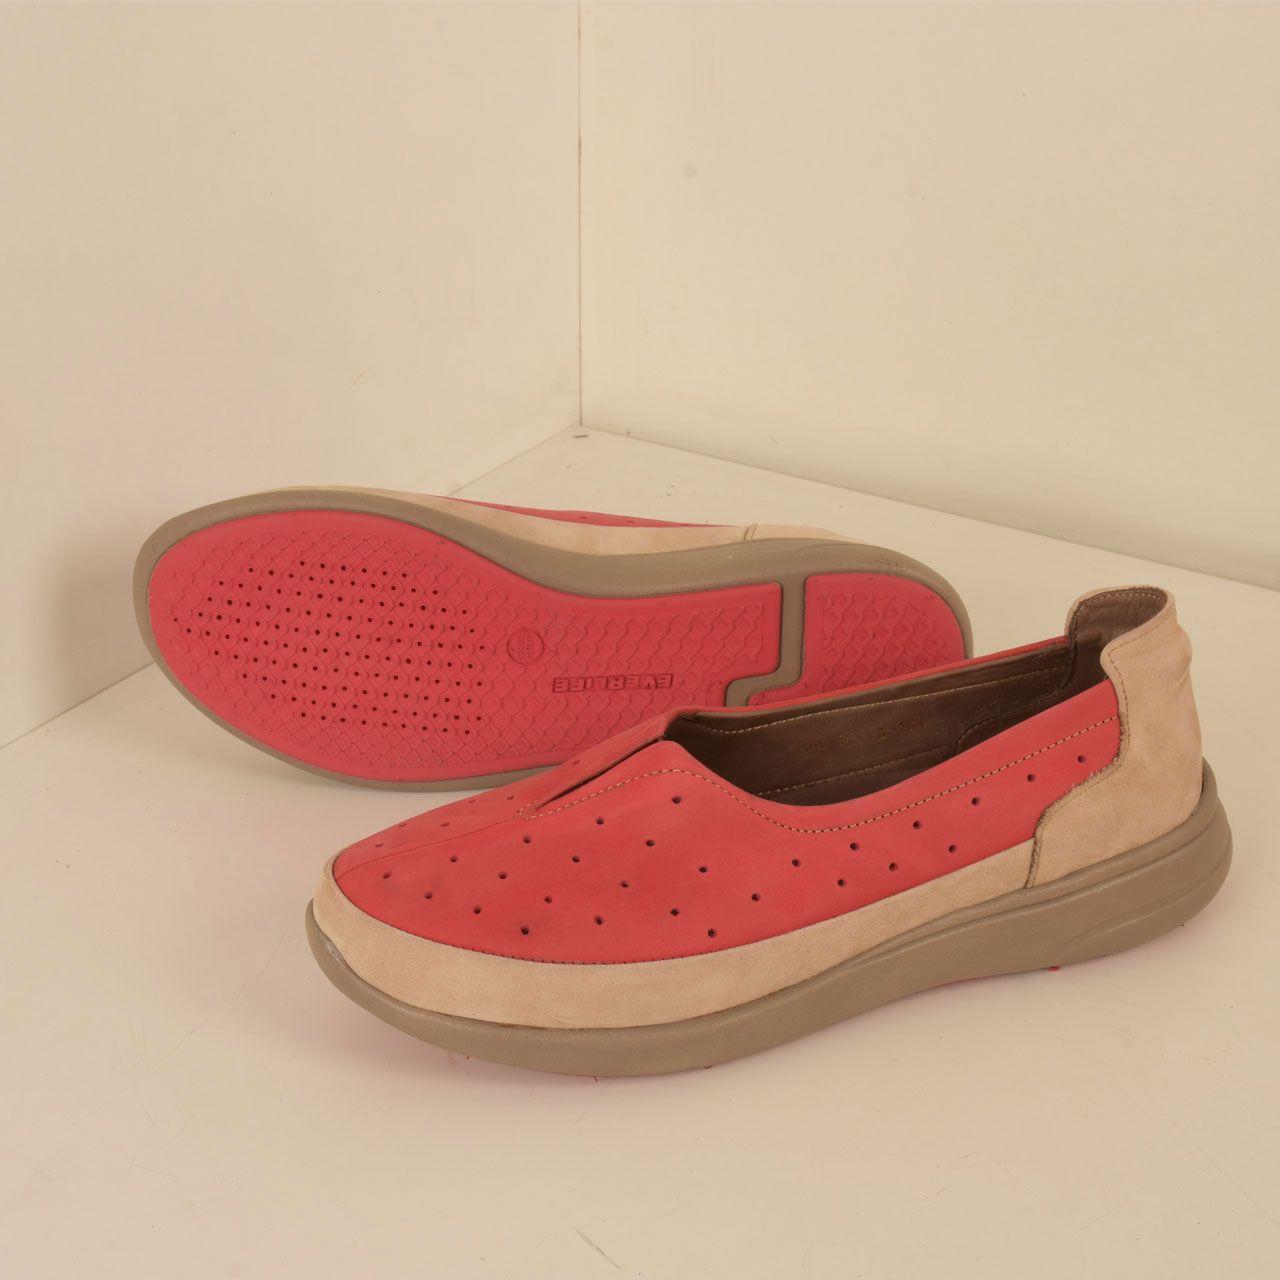 کفش روزمره زنانه پارینه چرم مدل SHOW4-2 main 1 6